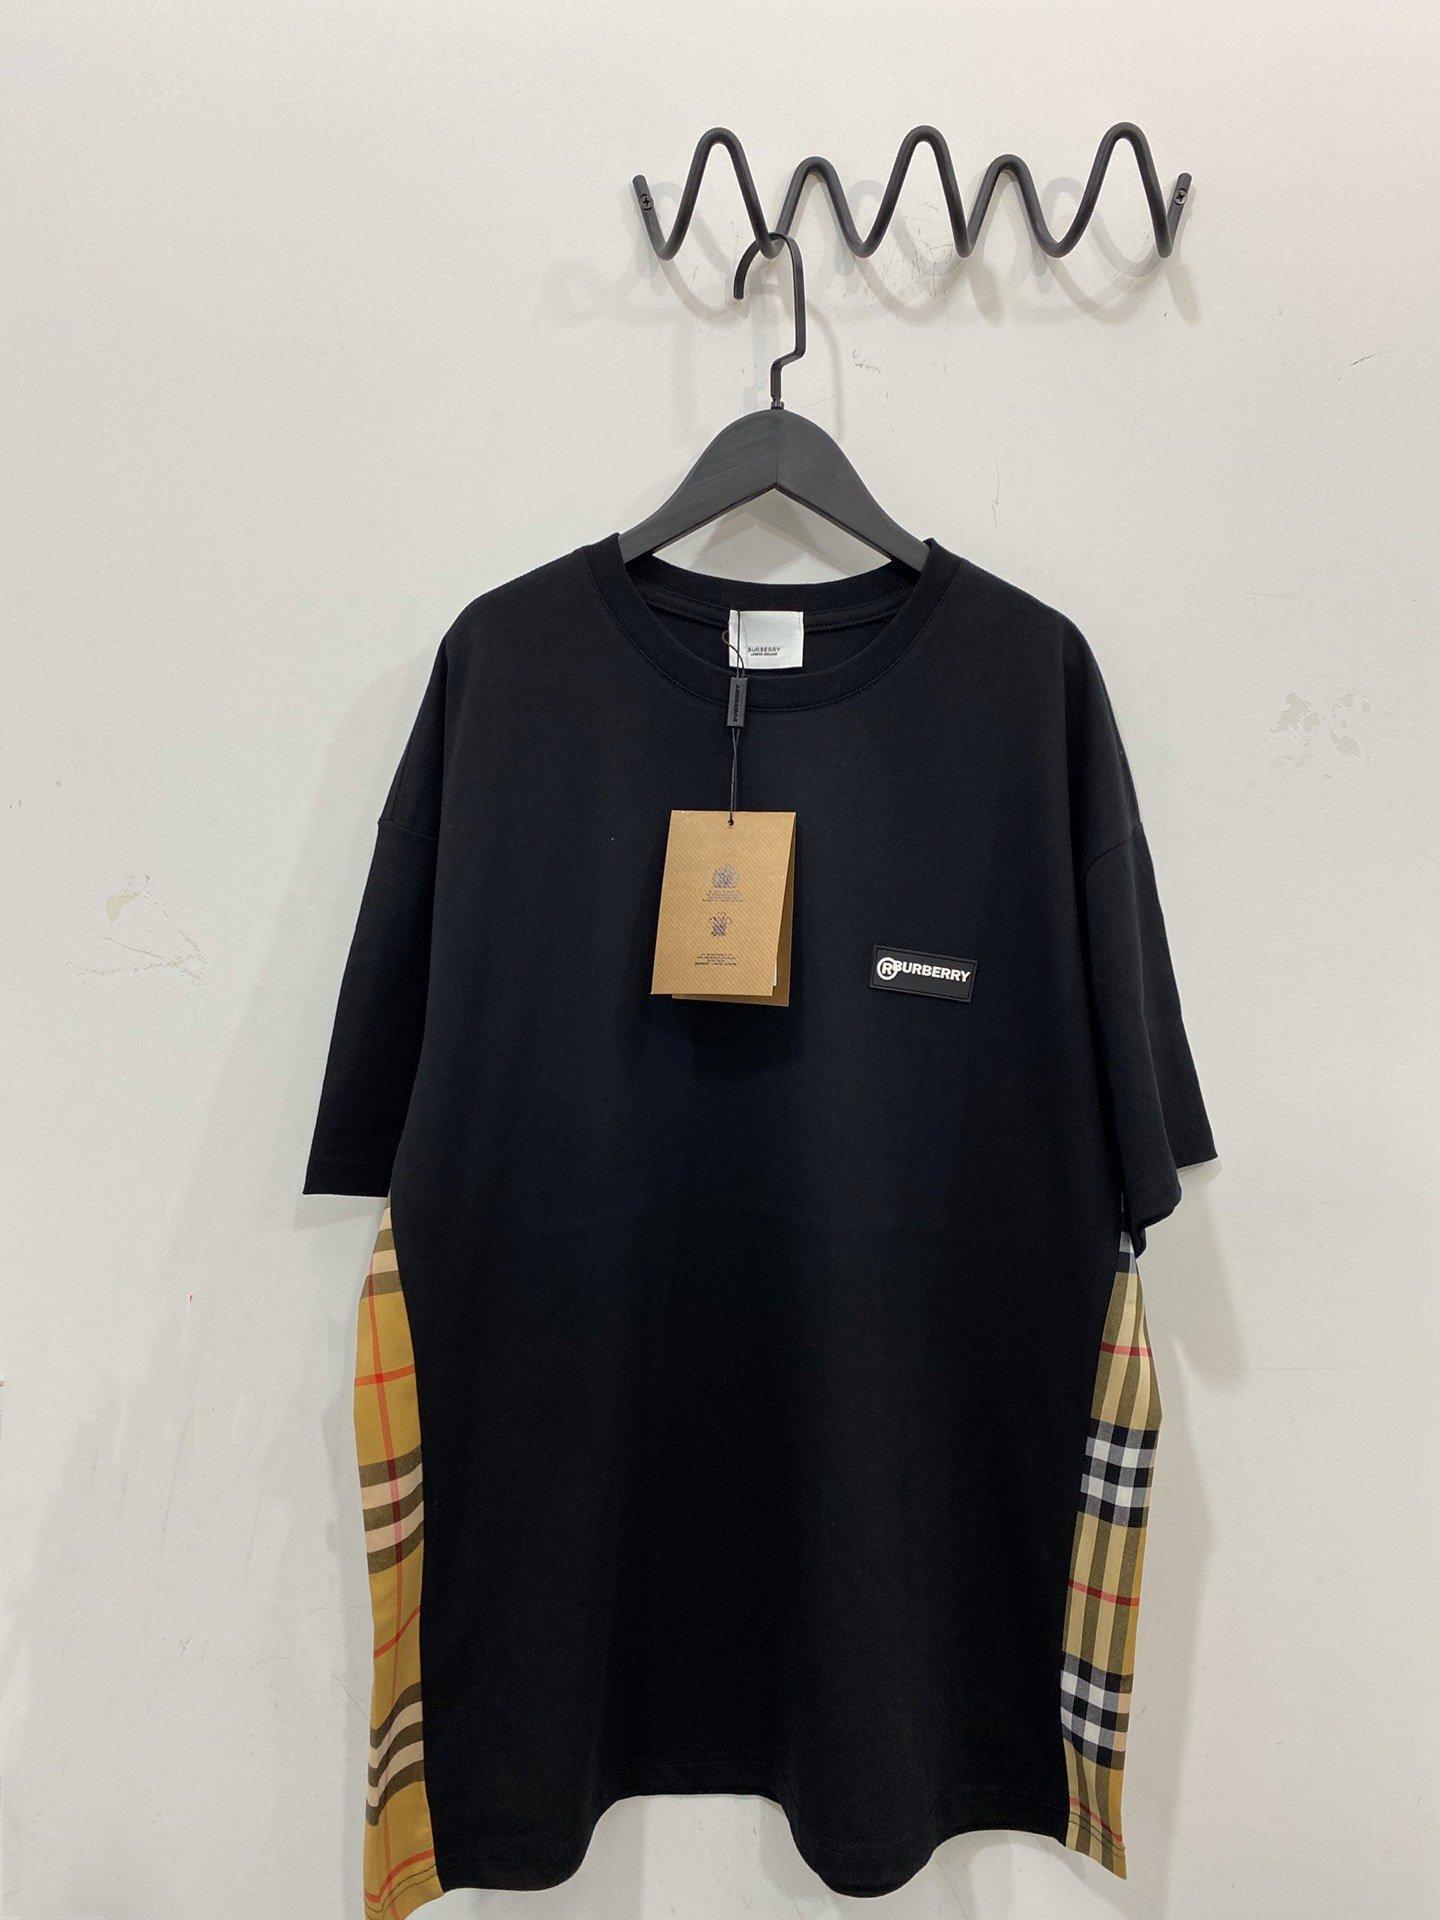 2020 Freier heißen Verkaufs-Designered Frauen-Männer-T-Shirt Art und Weise beiläufigen Frühlings-Sommer-T-Stücke Qualitäts-Luxus-Mädchen-T-Shirt XA 2021306Y